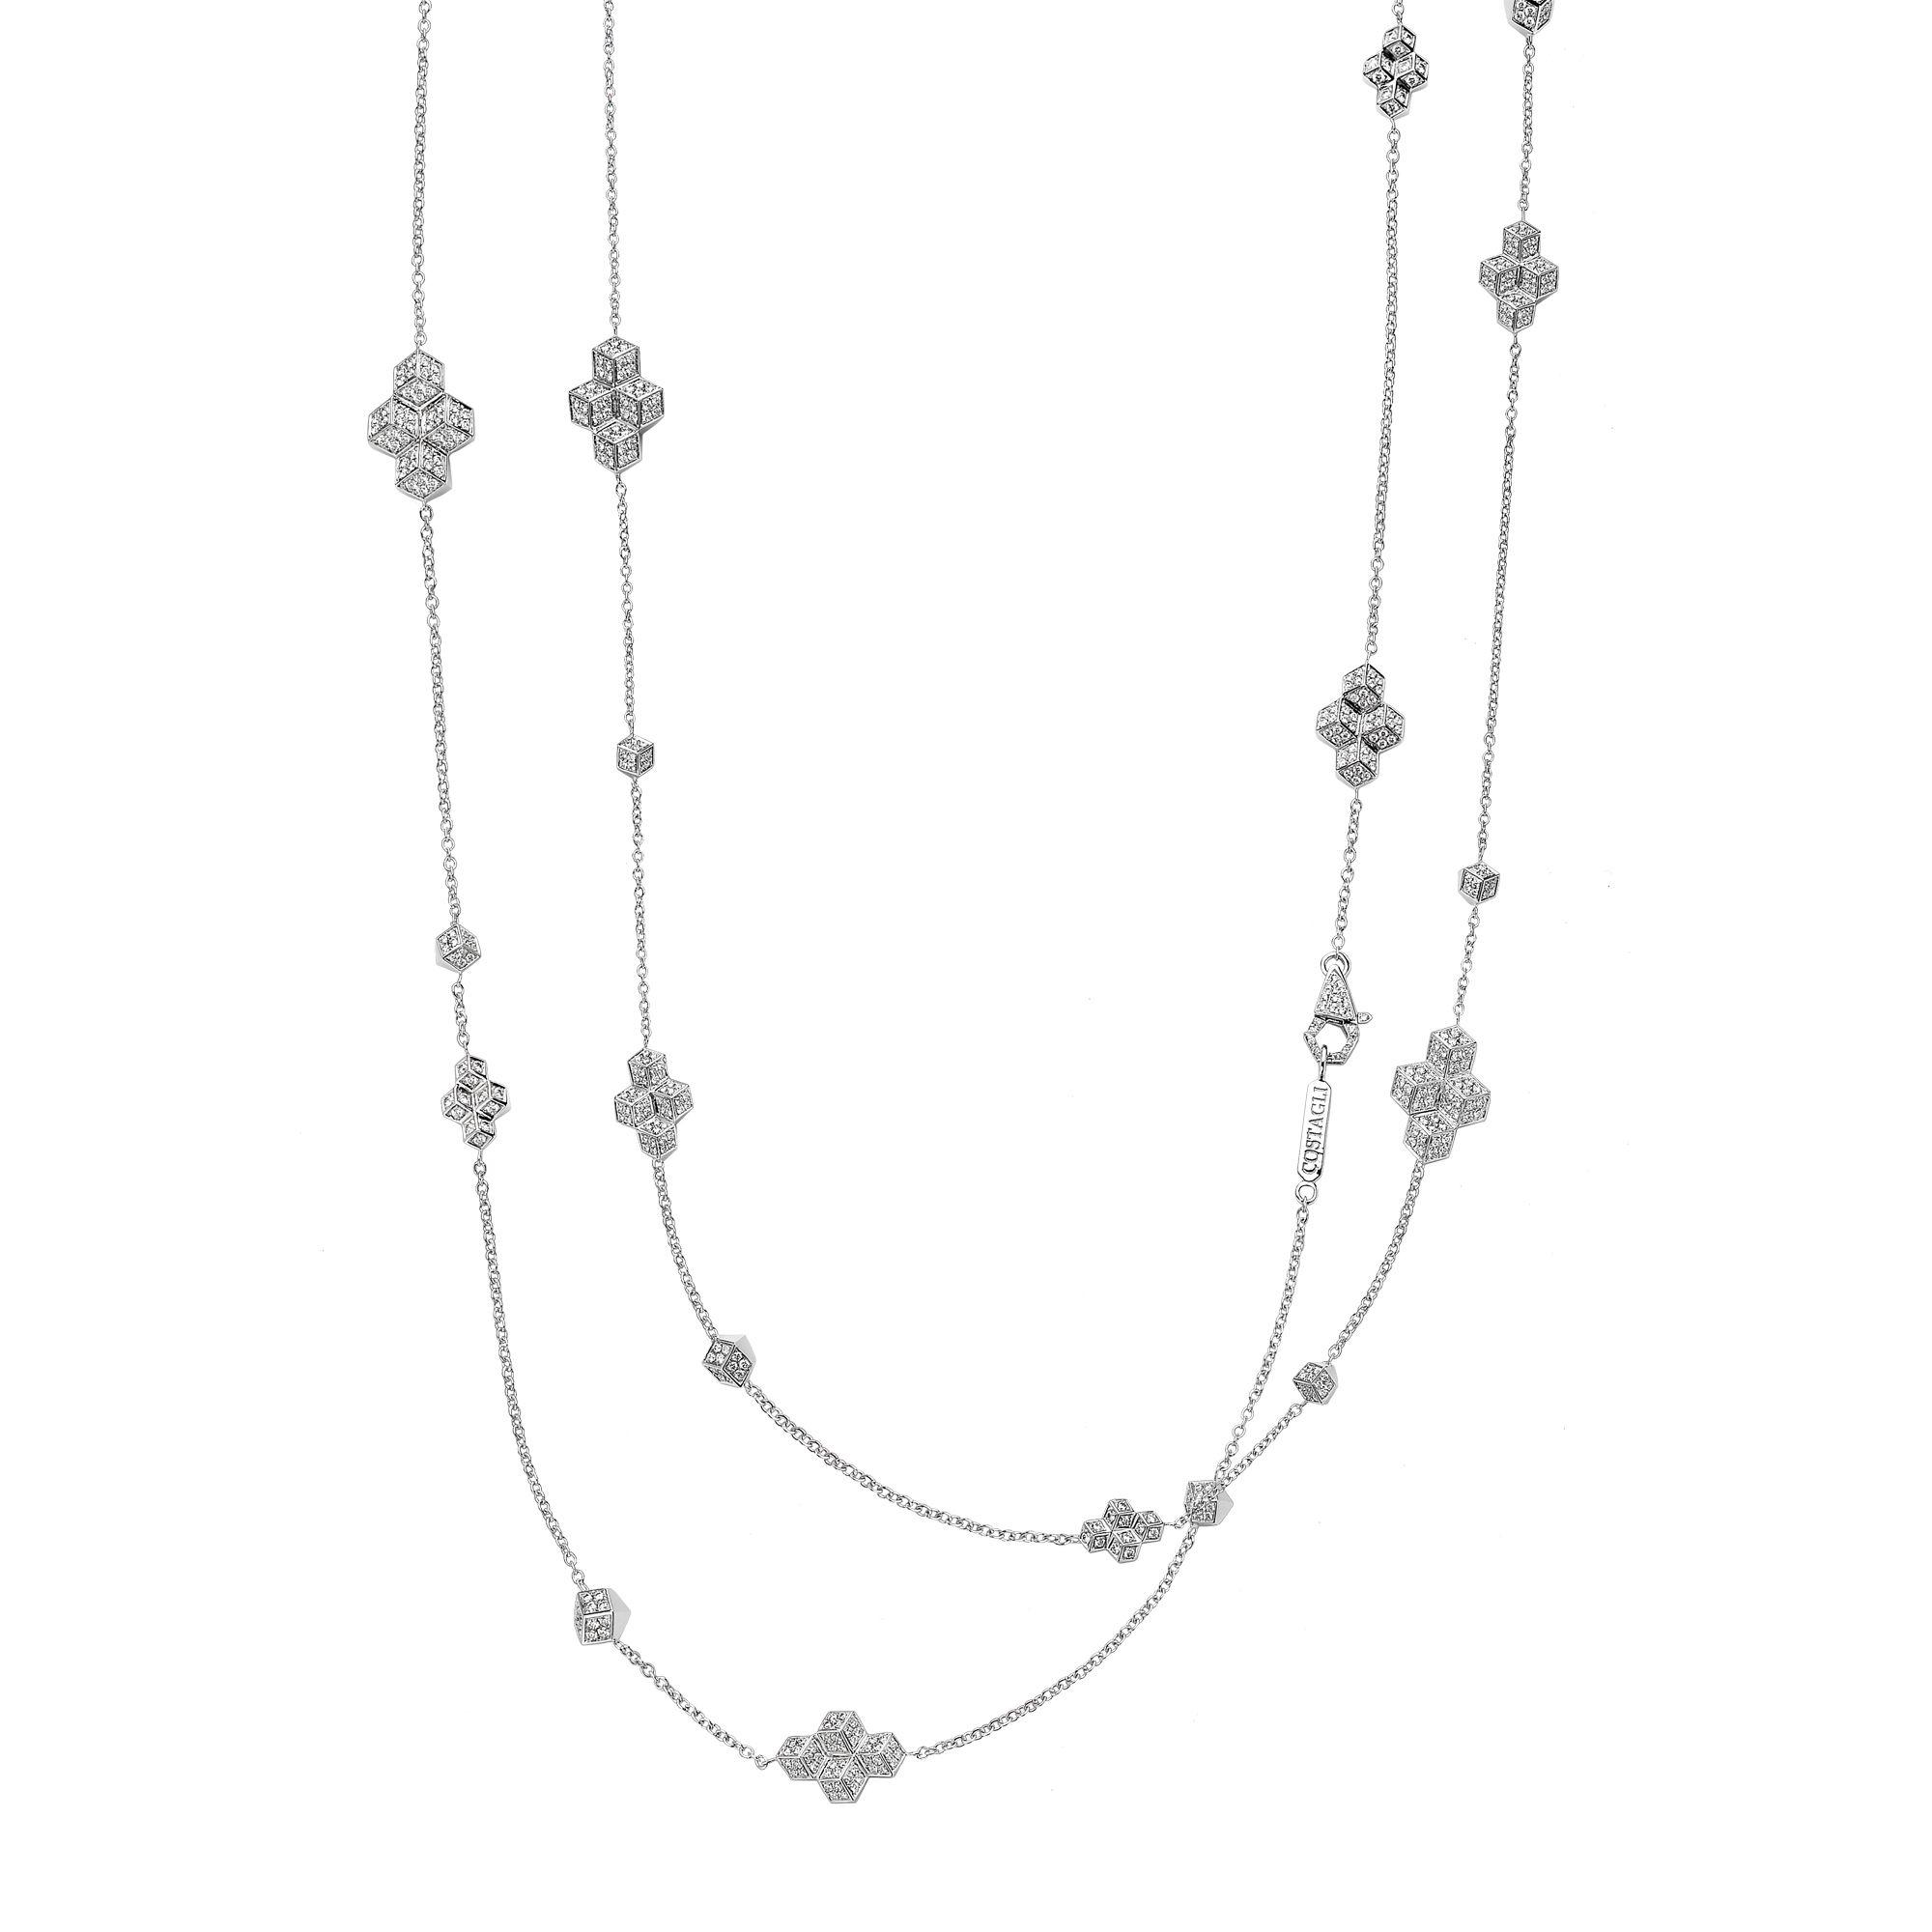 Paolo Costagli Brillante Collection 18k White Gold Brillante Sautoir  Necklace With Diamonds For Newest White Gold Diamond Sautoir Necklaces (View 6 of 25)